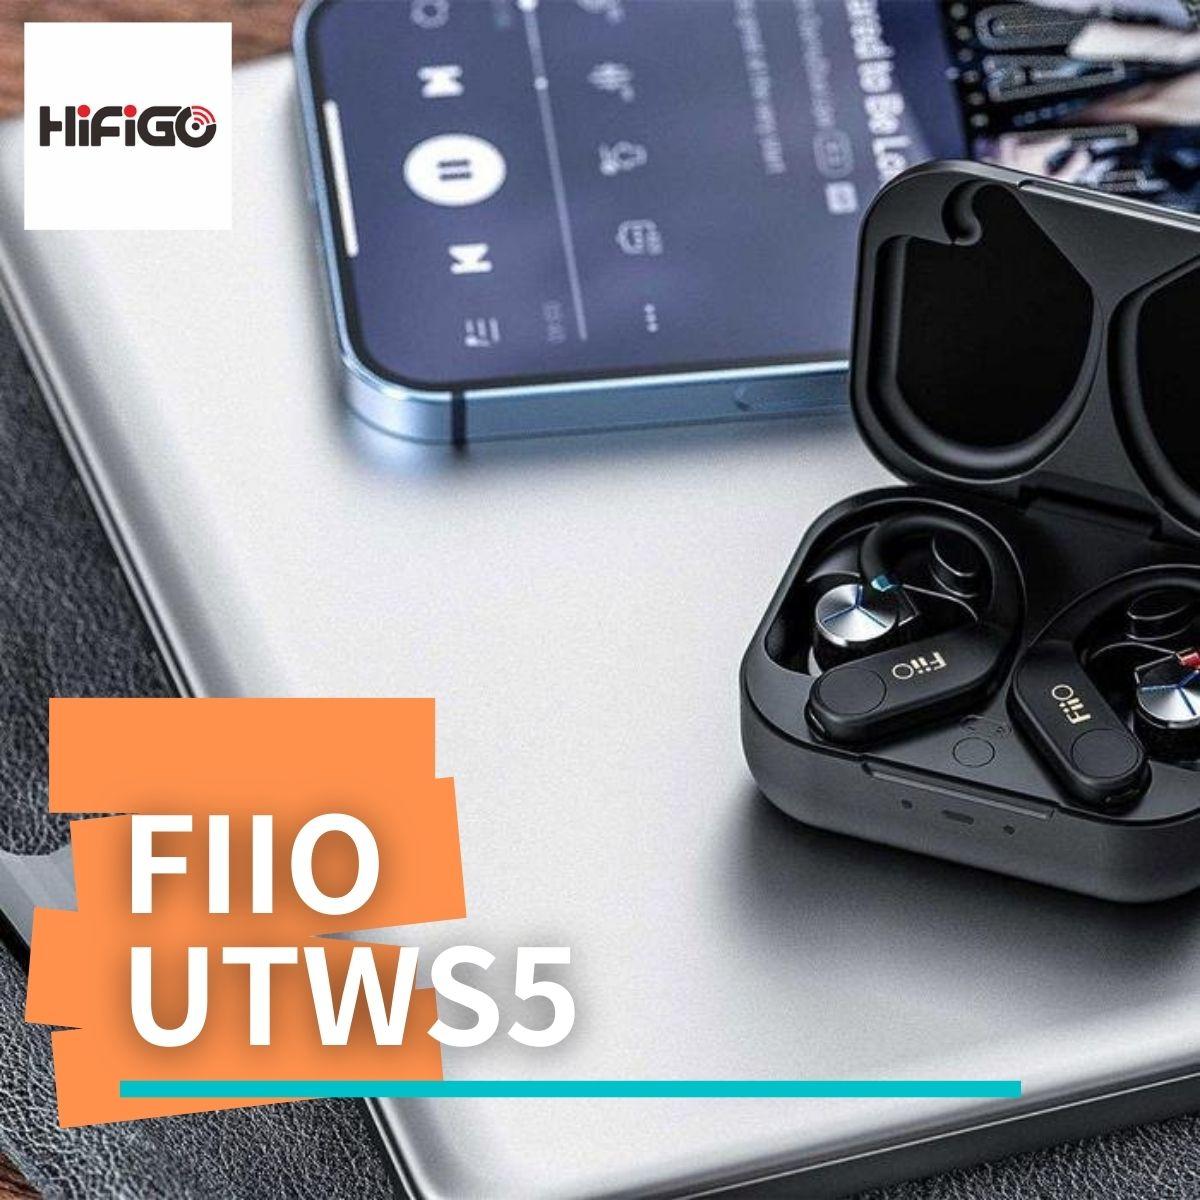 FiiO UTWS5